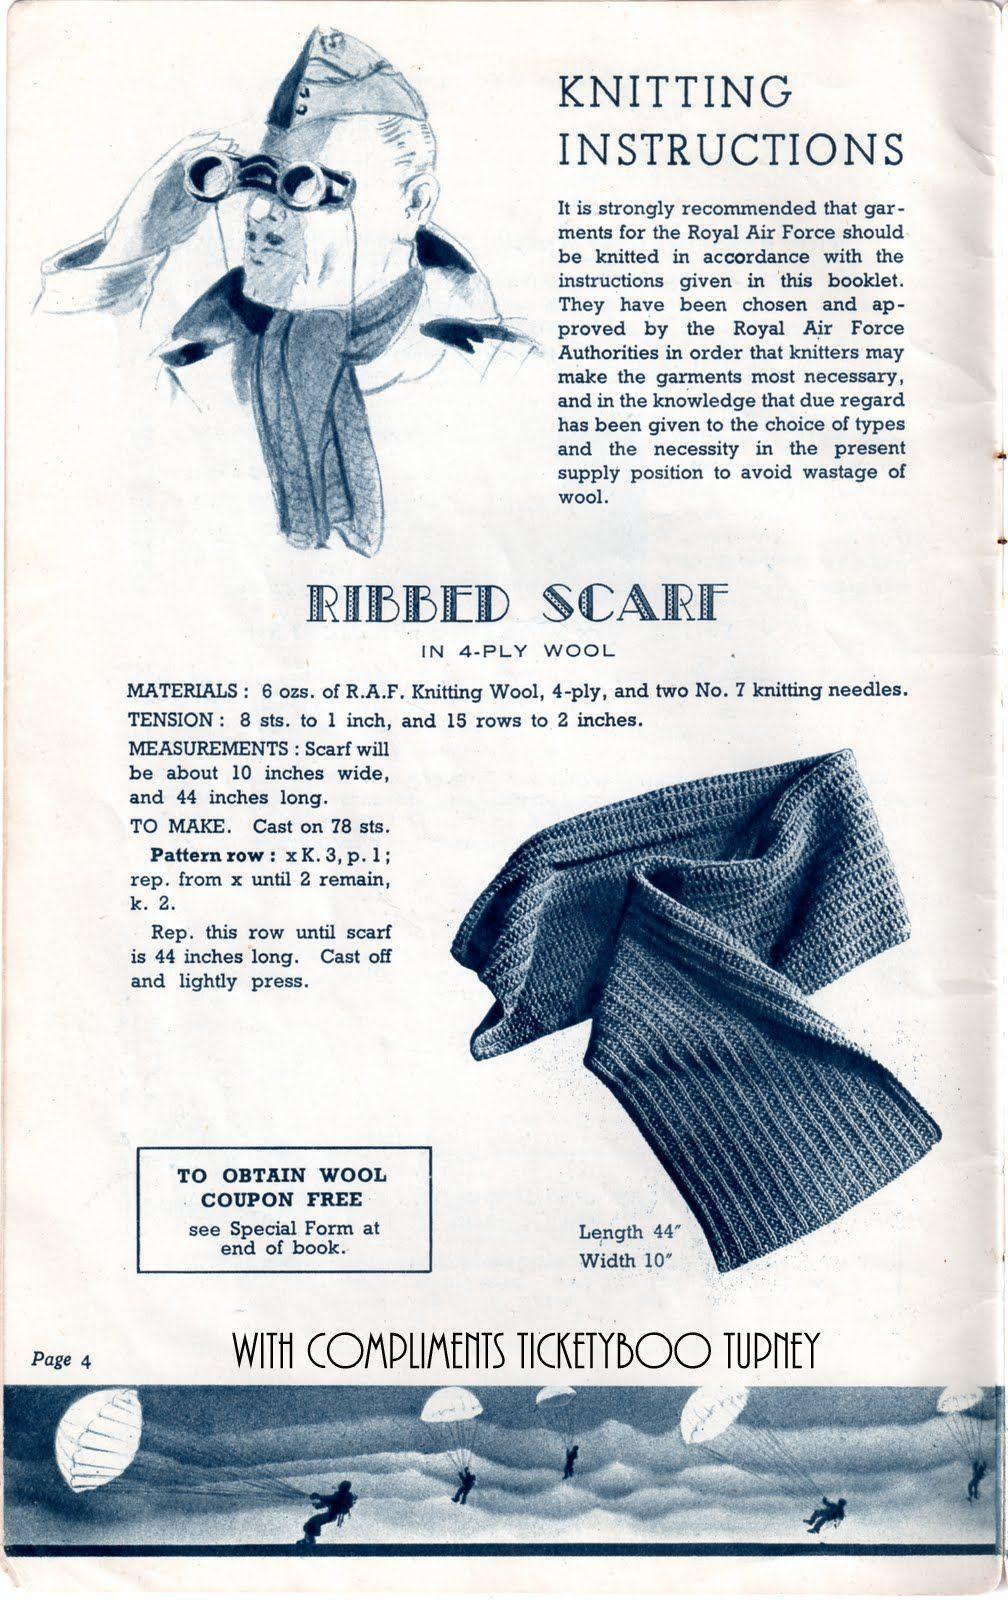 Knitting For The Raf Knitting Crochet Etc Vintage Knitting